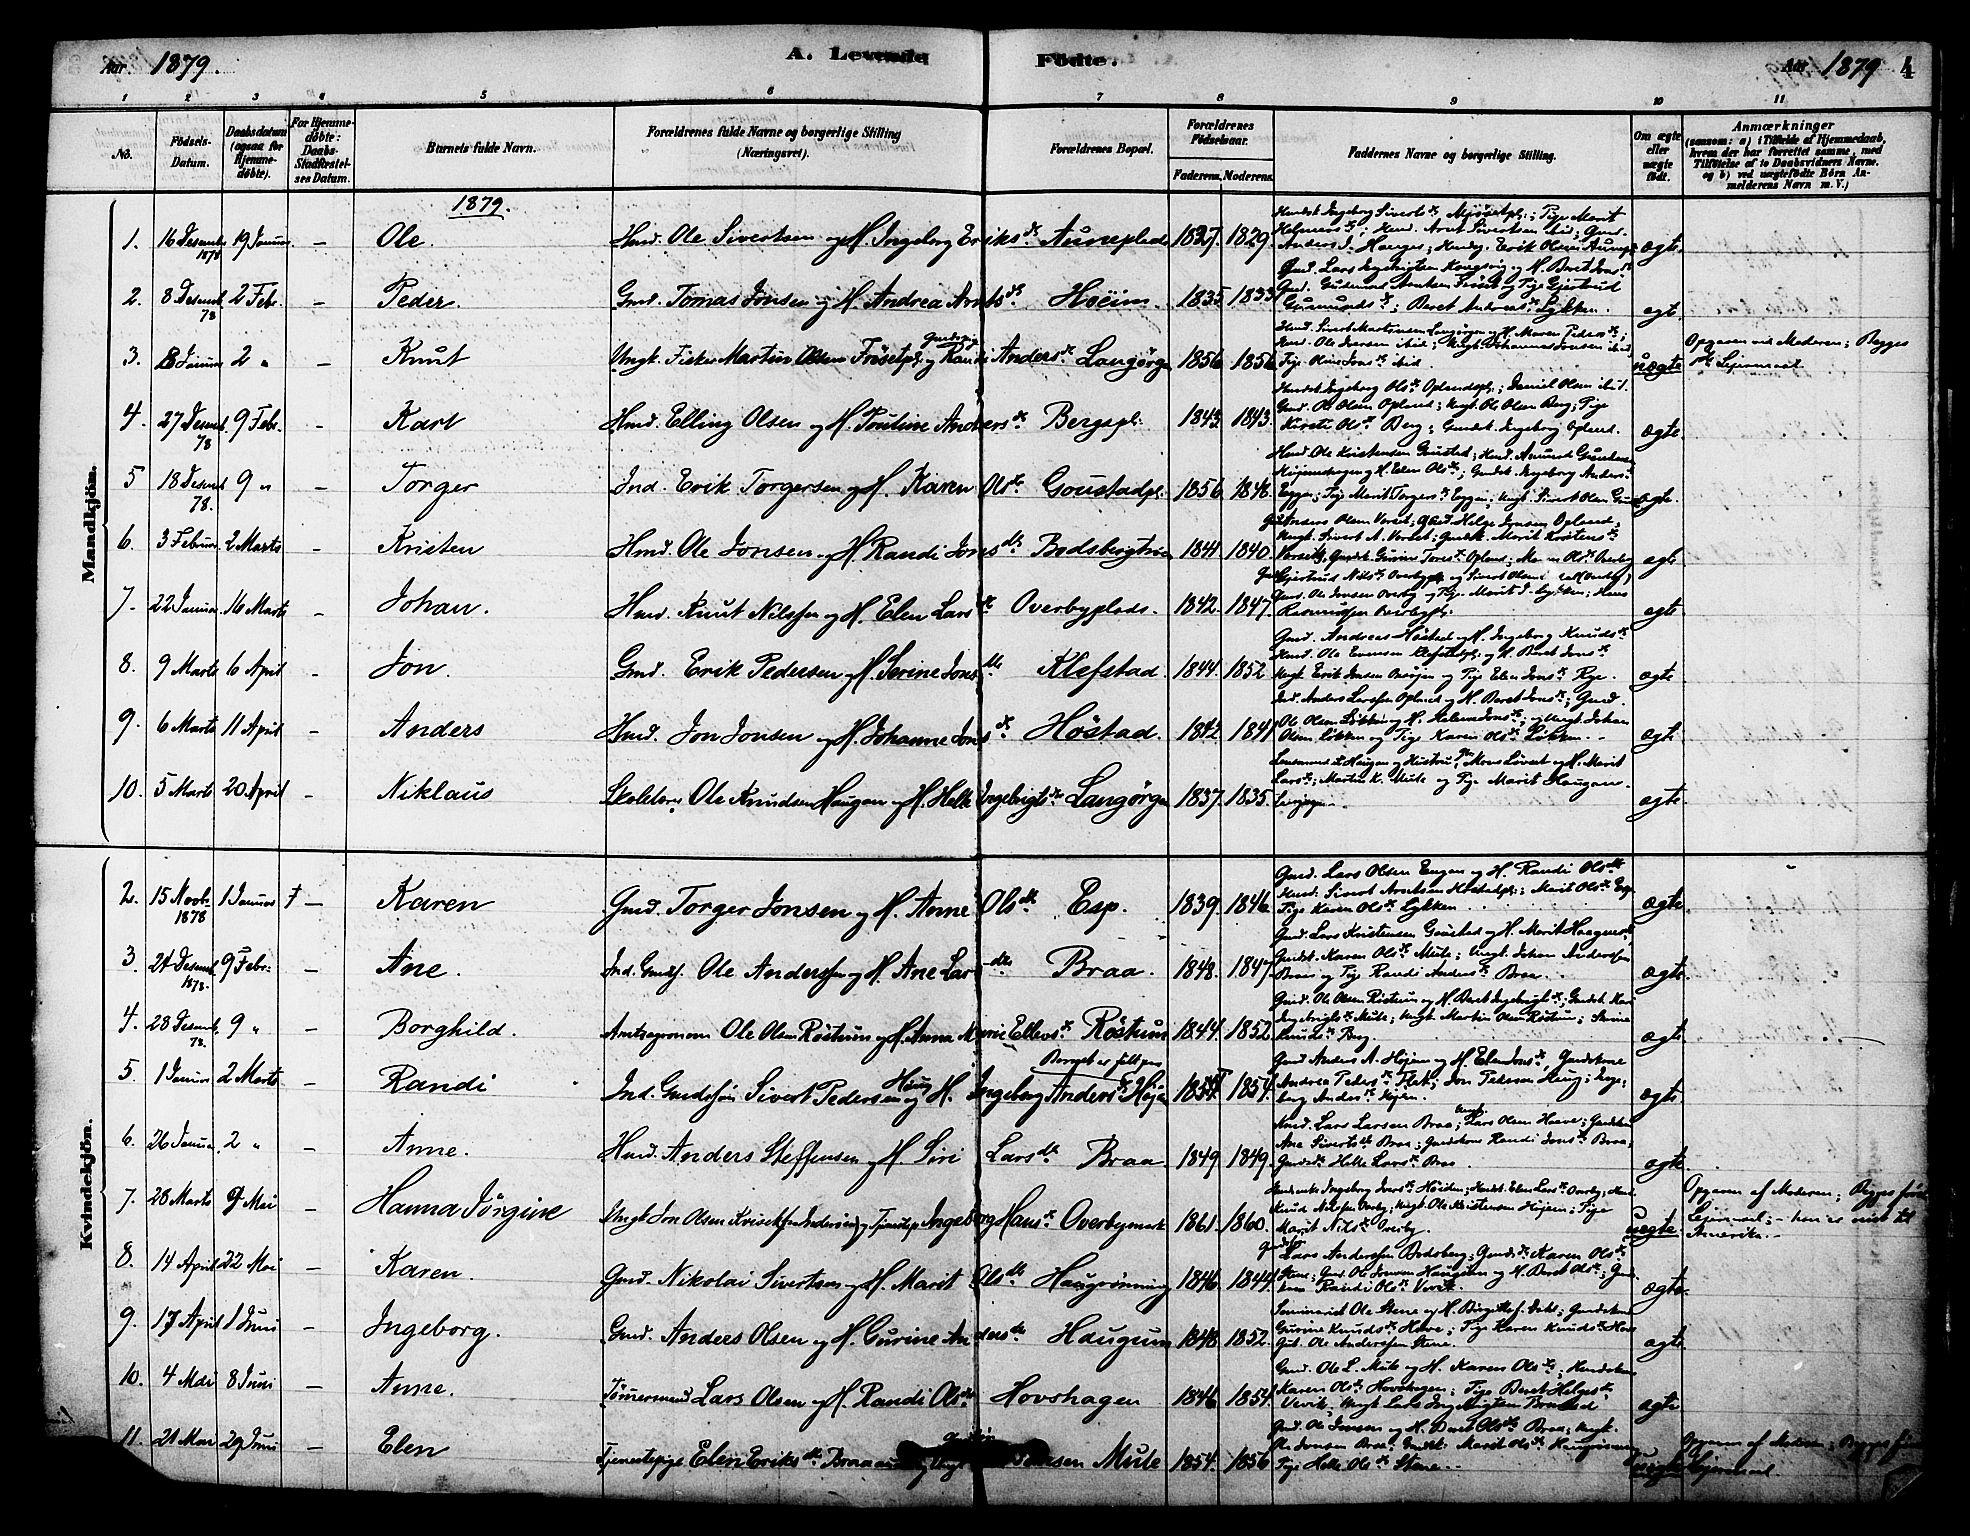 SAT, Ministerialprotokoller, klokkerbøker og fødselsregistre - Sør-Trøndelag, 612/L0378: Ministerialbok nr. 612A10, 1878-1897, s. 4